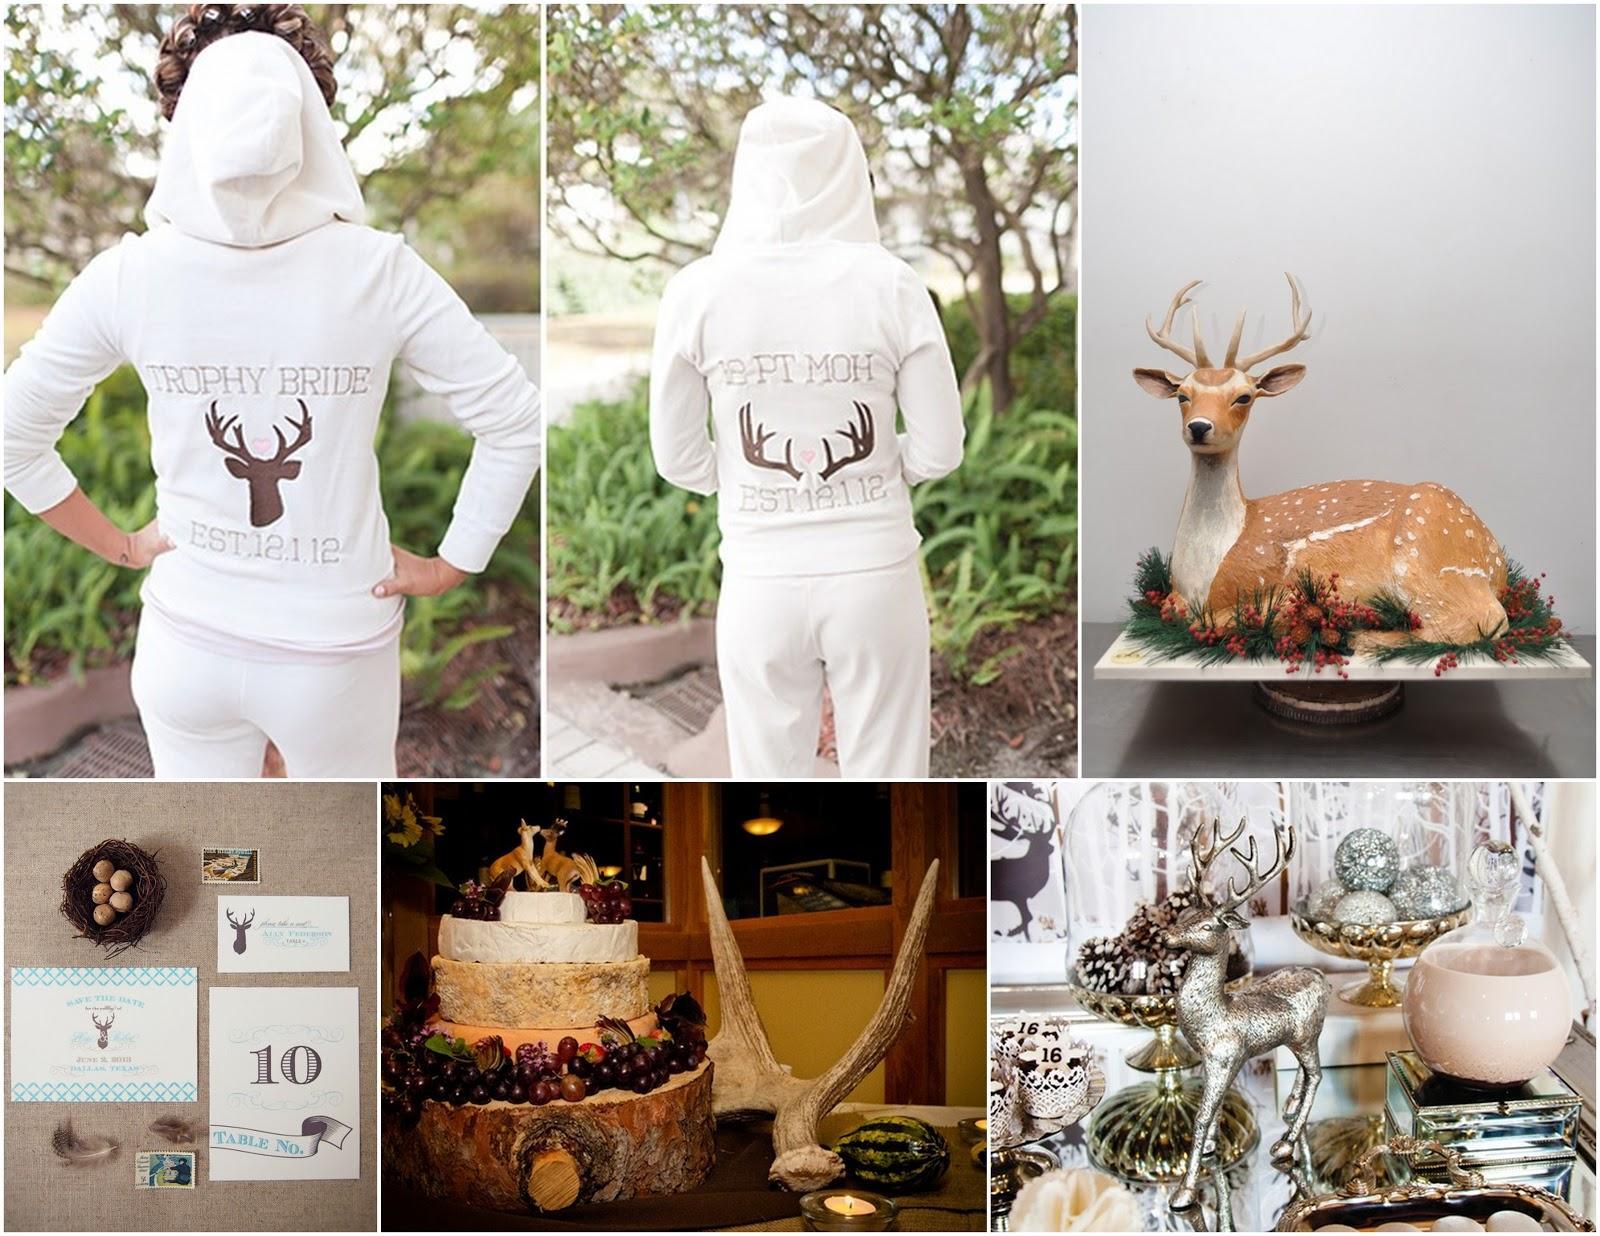 Reindeer Antler Hoodie Bride Hoodies Antlers And